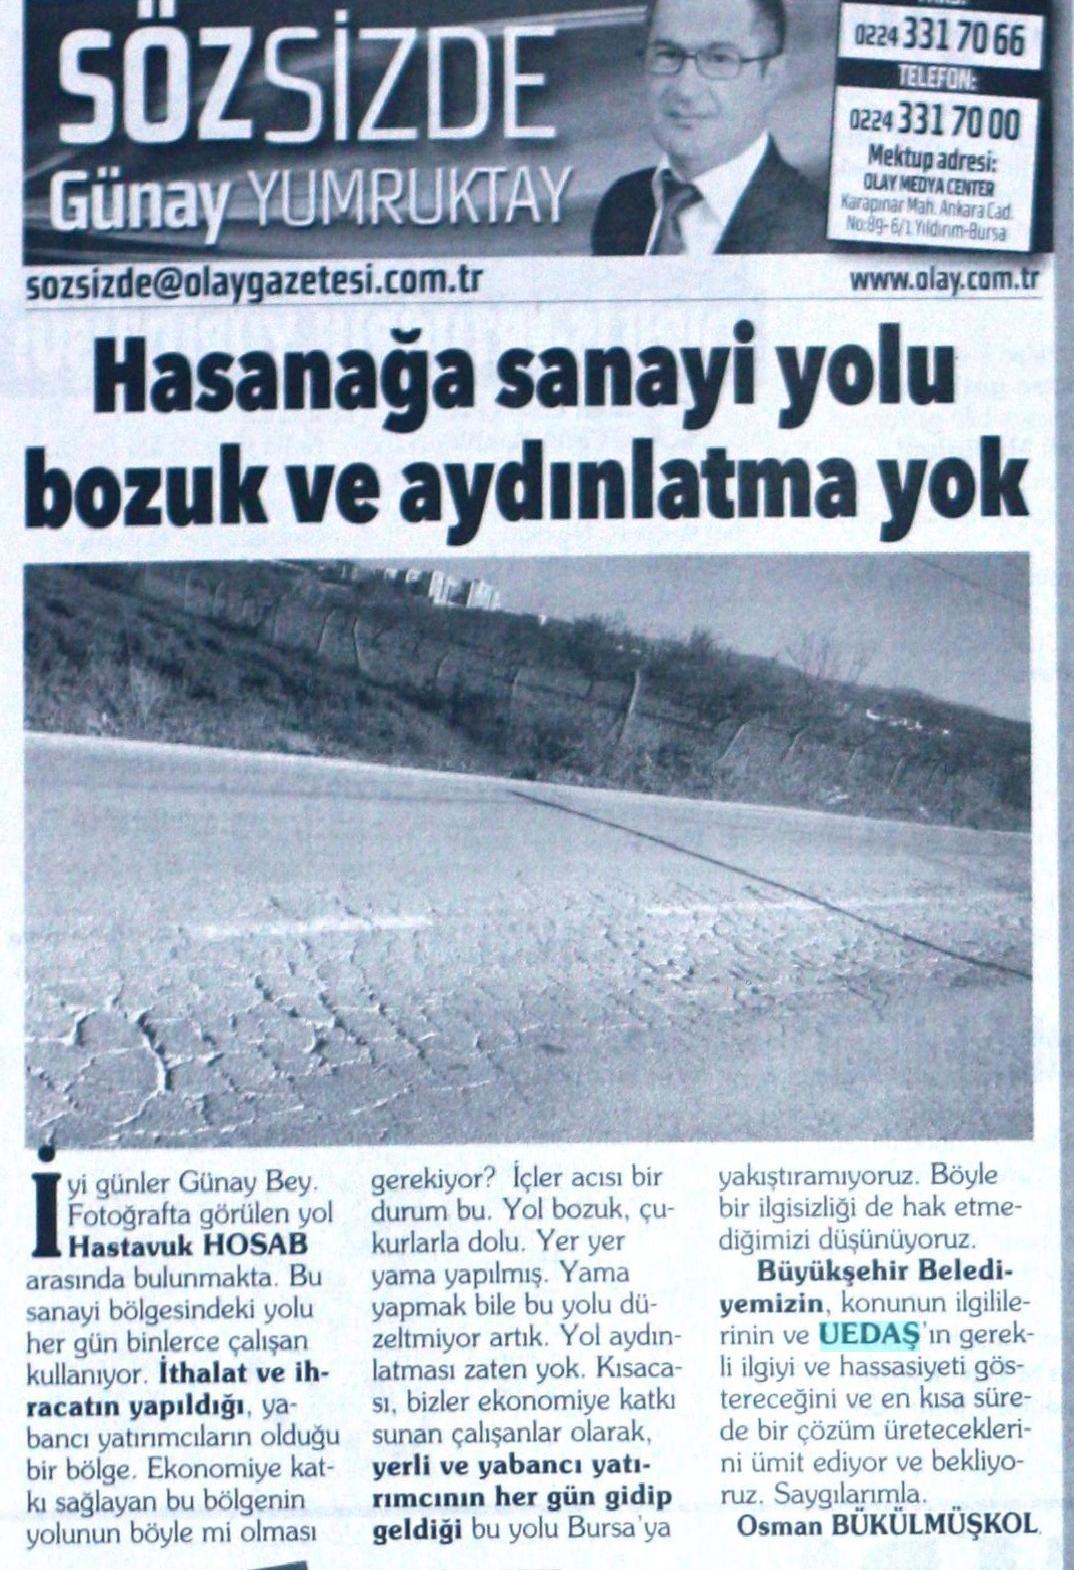 olay_bursa-hasanaga_sanayi_yolu_bozuk_ve_aydinlatma_yok-[konuk_yazar]-10.04.2018-(1)-001.jpg